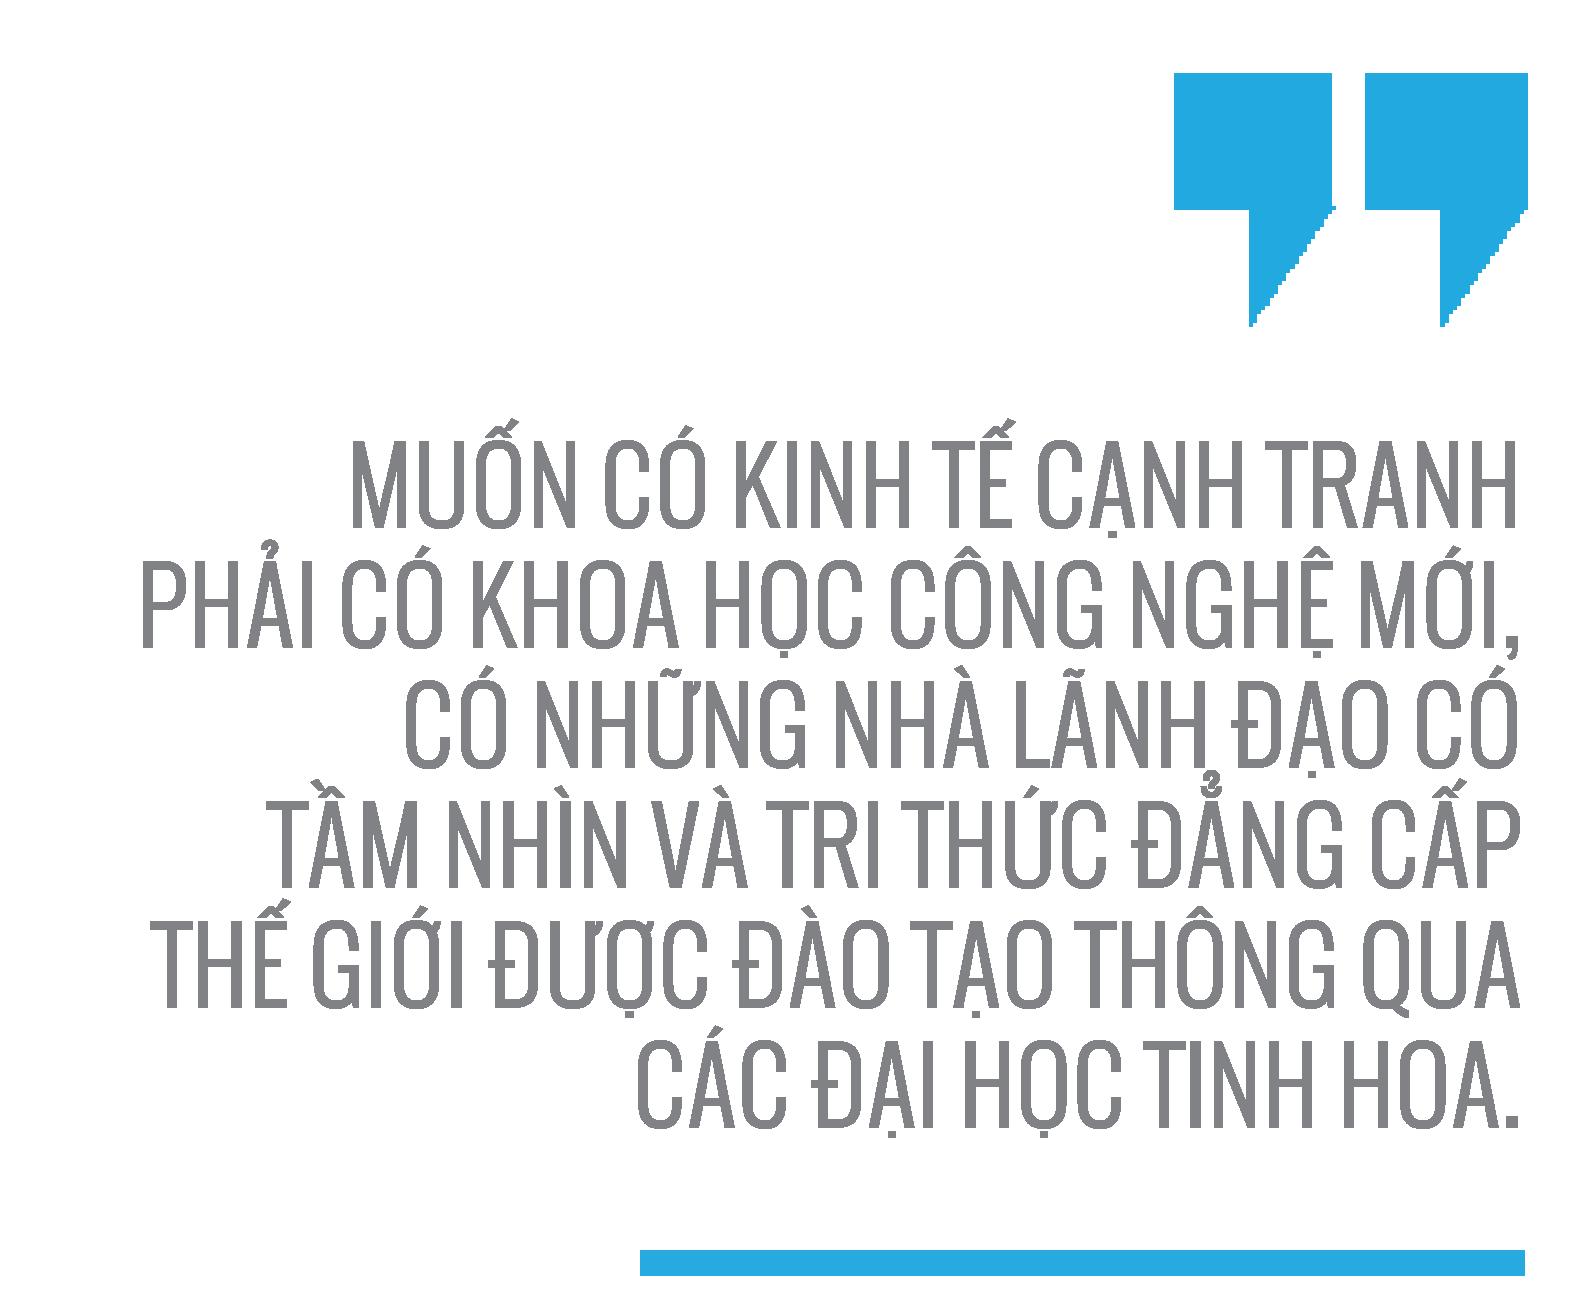 Tiến sĩ Nguyễn Xuân Xanh: Không thể có một quốc gia mạnh với các đại học yếu -4